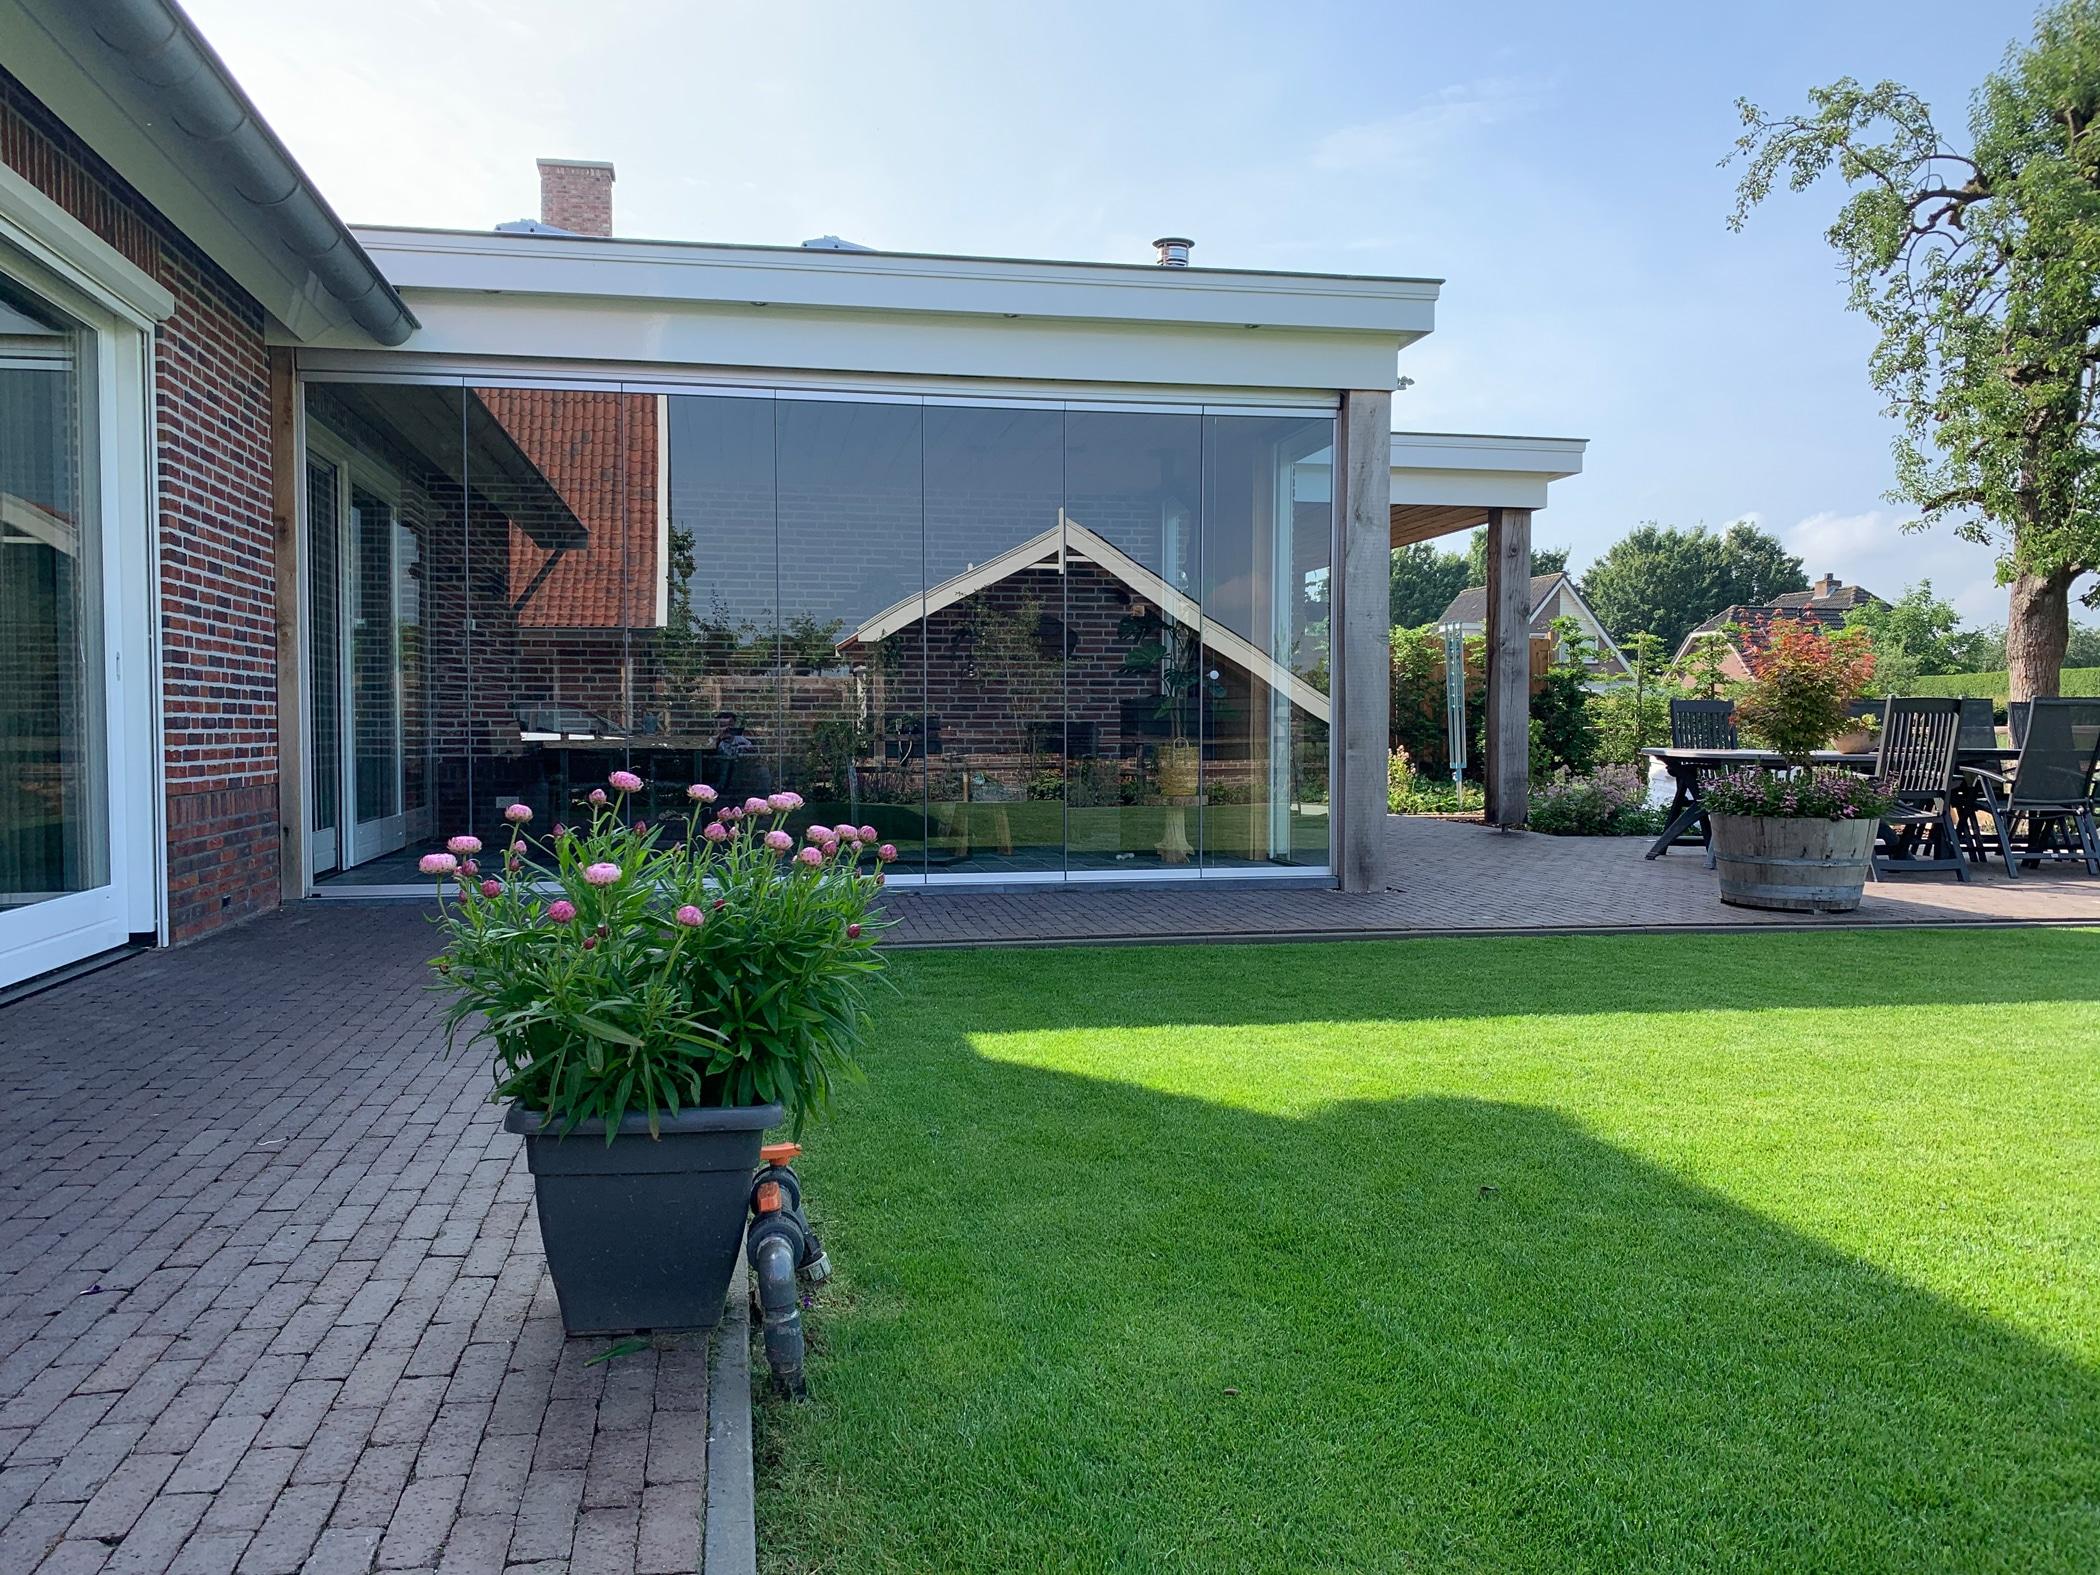 Glas Schiebe Dreh Elemente für Anbau auf Terrasse